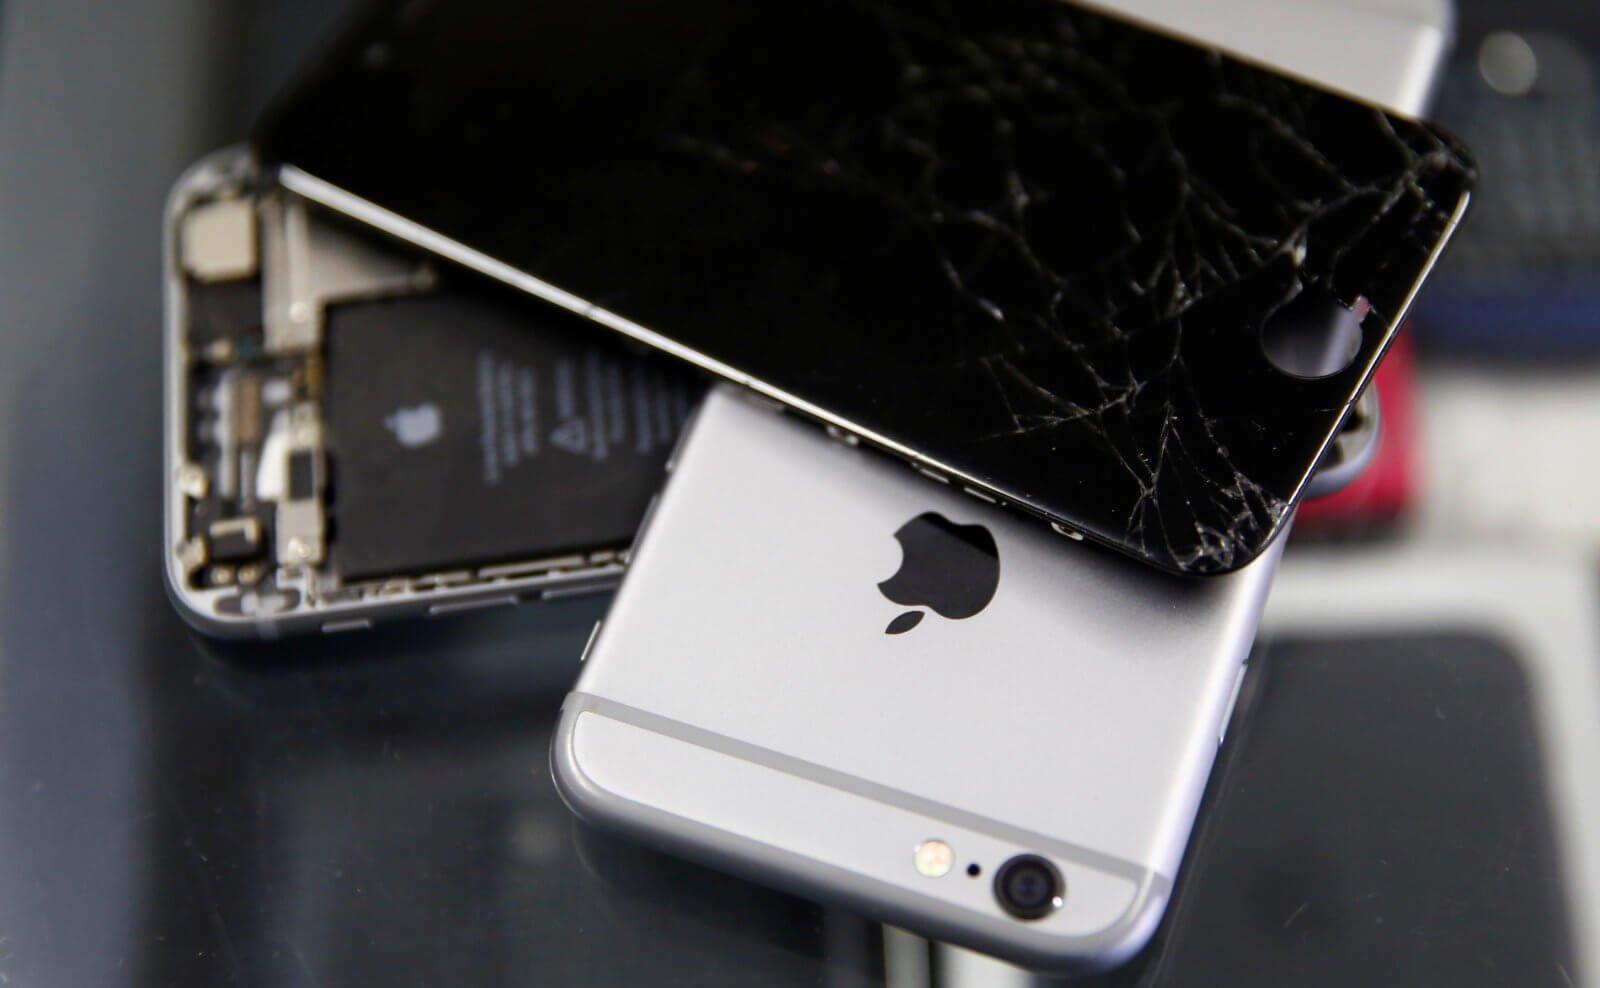 Частные сервисные центры сами отказываются покупать запчасти у Apple